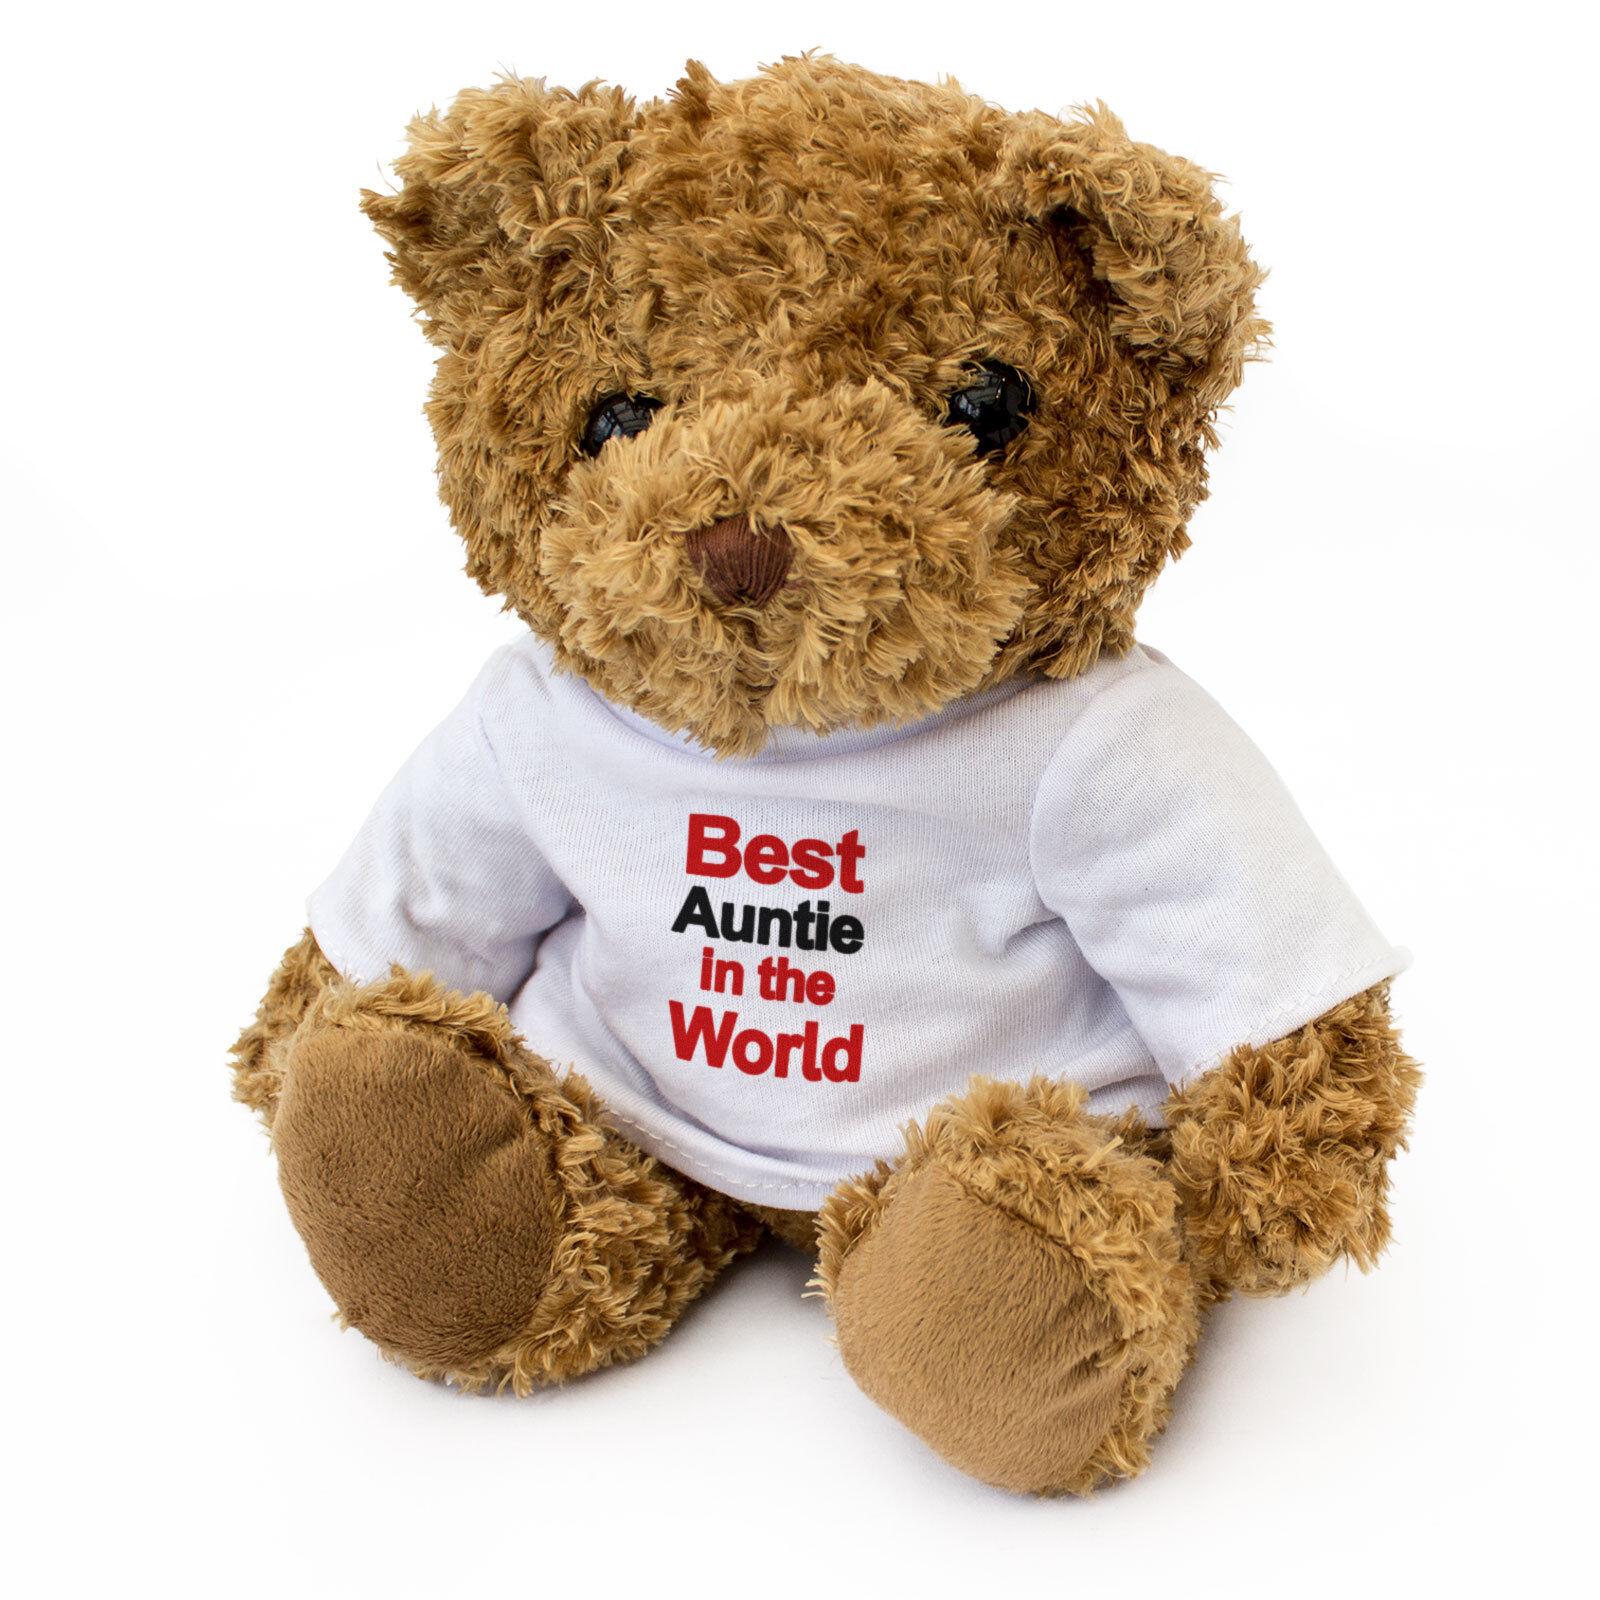 Nuevo - - - Mejor Auntie en el Mundo - Oso de Peluche - Lindo - Regalo Presente  el mejor servicio post-venta